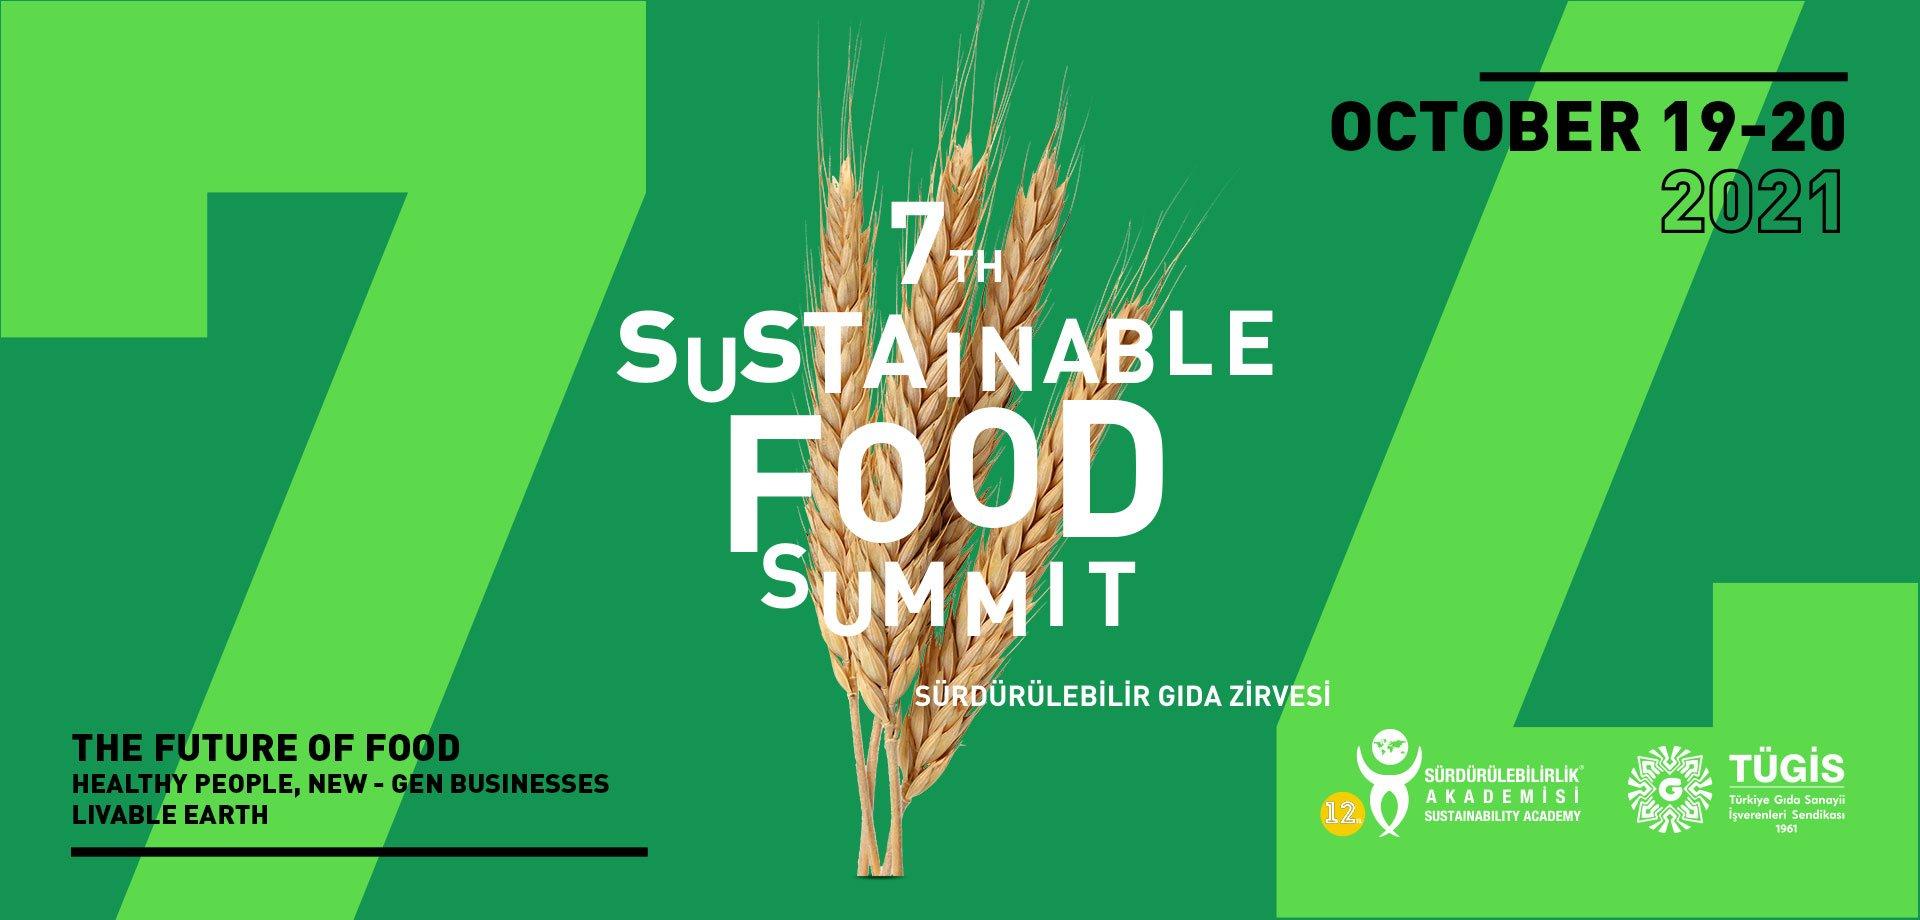 Sustainable Food Summit 2021